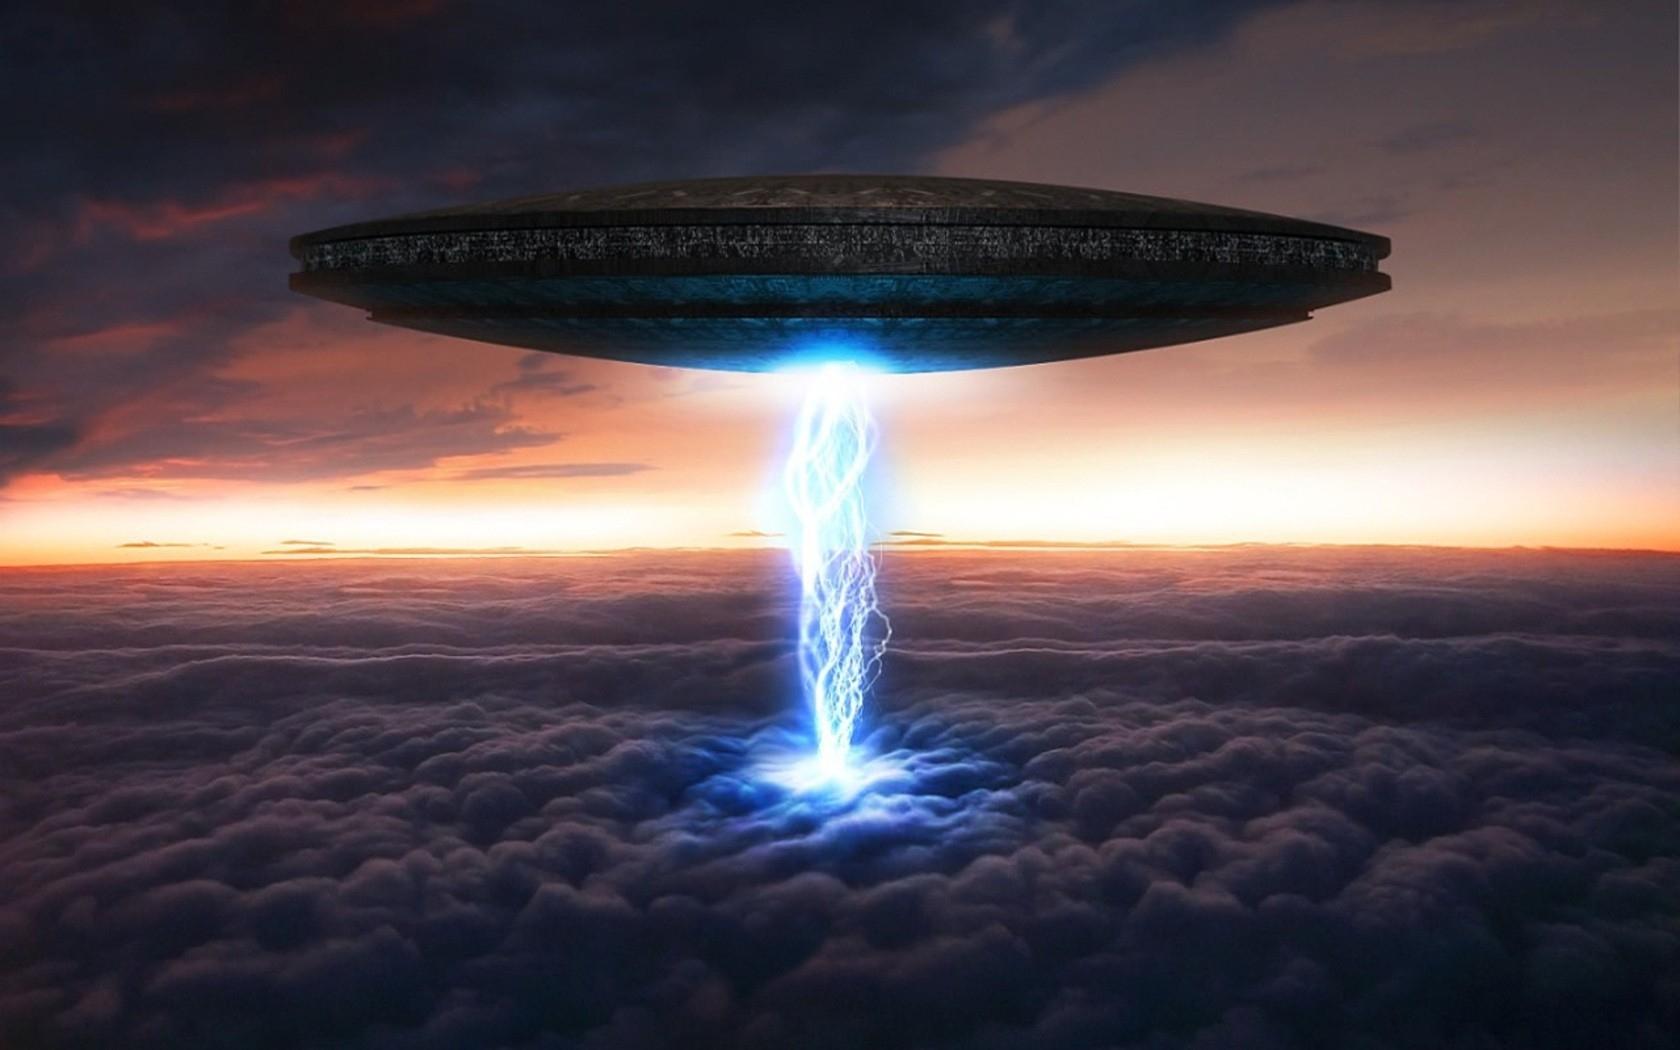 ufo spaceship spacecraft sky clouds art invasion sunset wallpaper 1680x1050